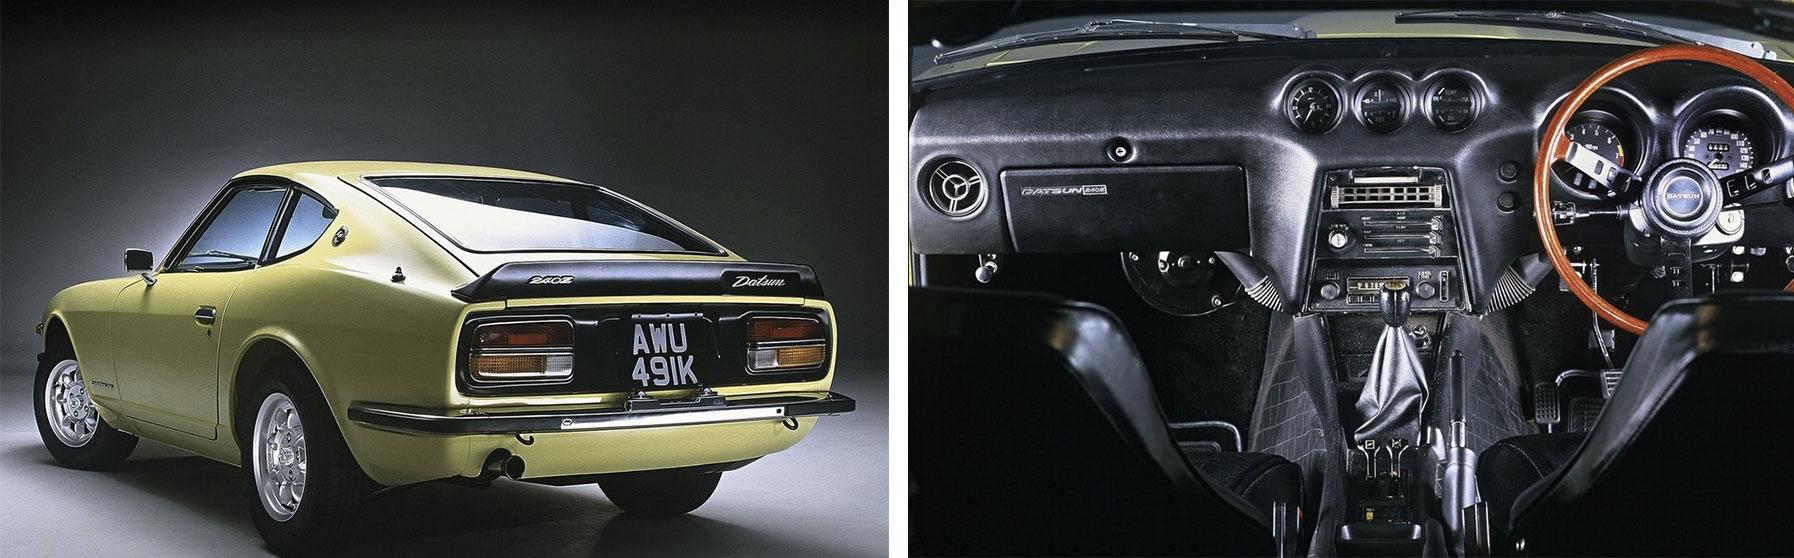 Datsun 240Z (S30)